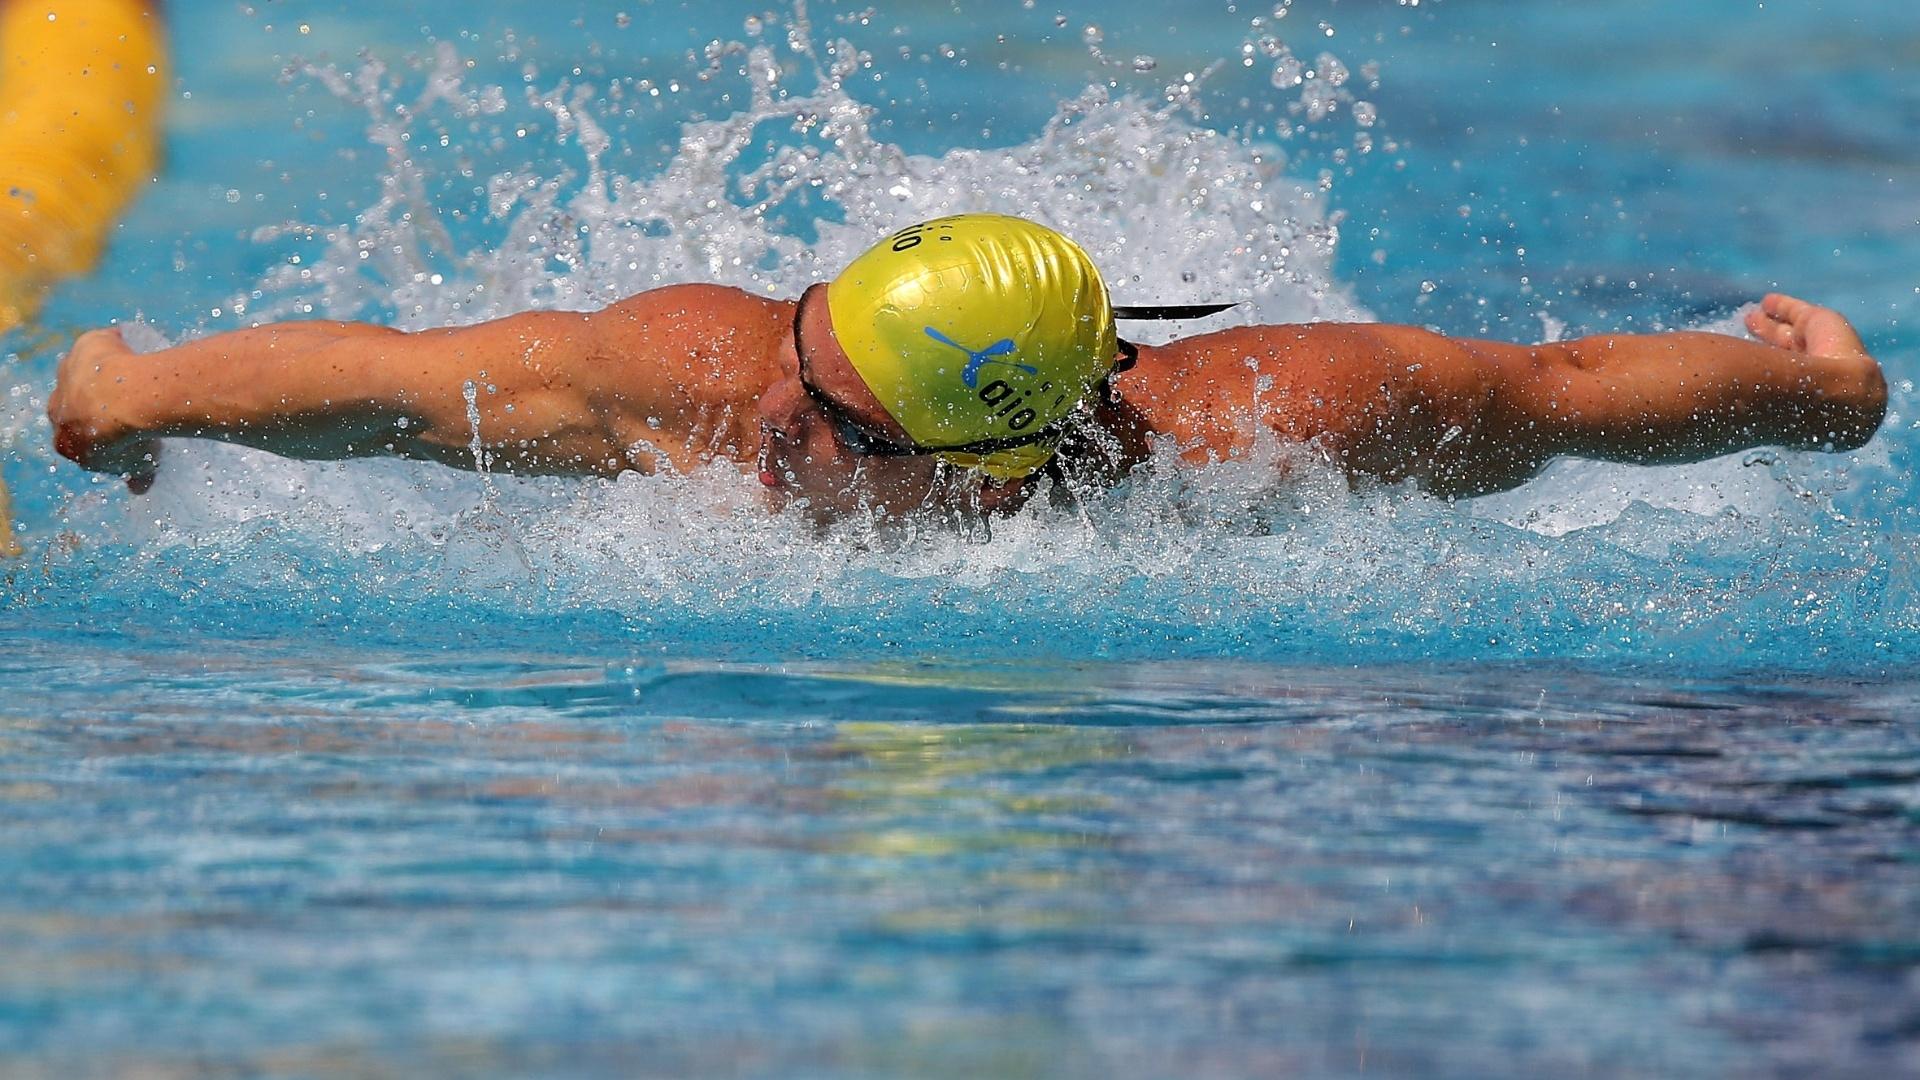 23.abr.2013 - Kaio Márcio fez o segundo melhor tempo nas eliminatórias dos 100m borboleta no Troféu Maria Lenk